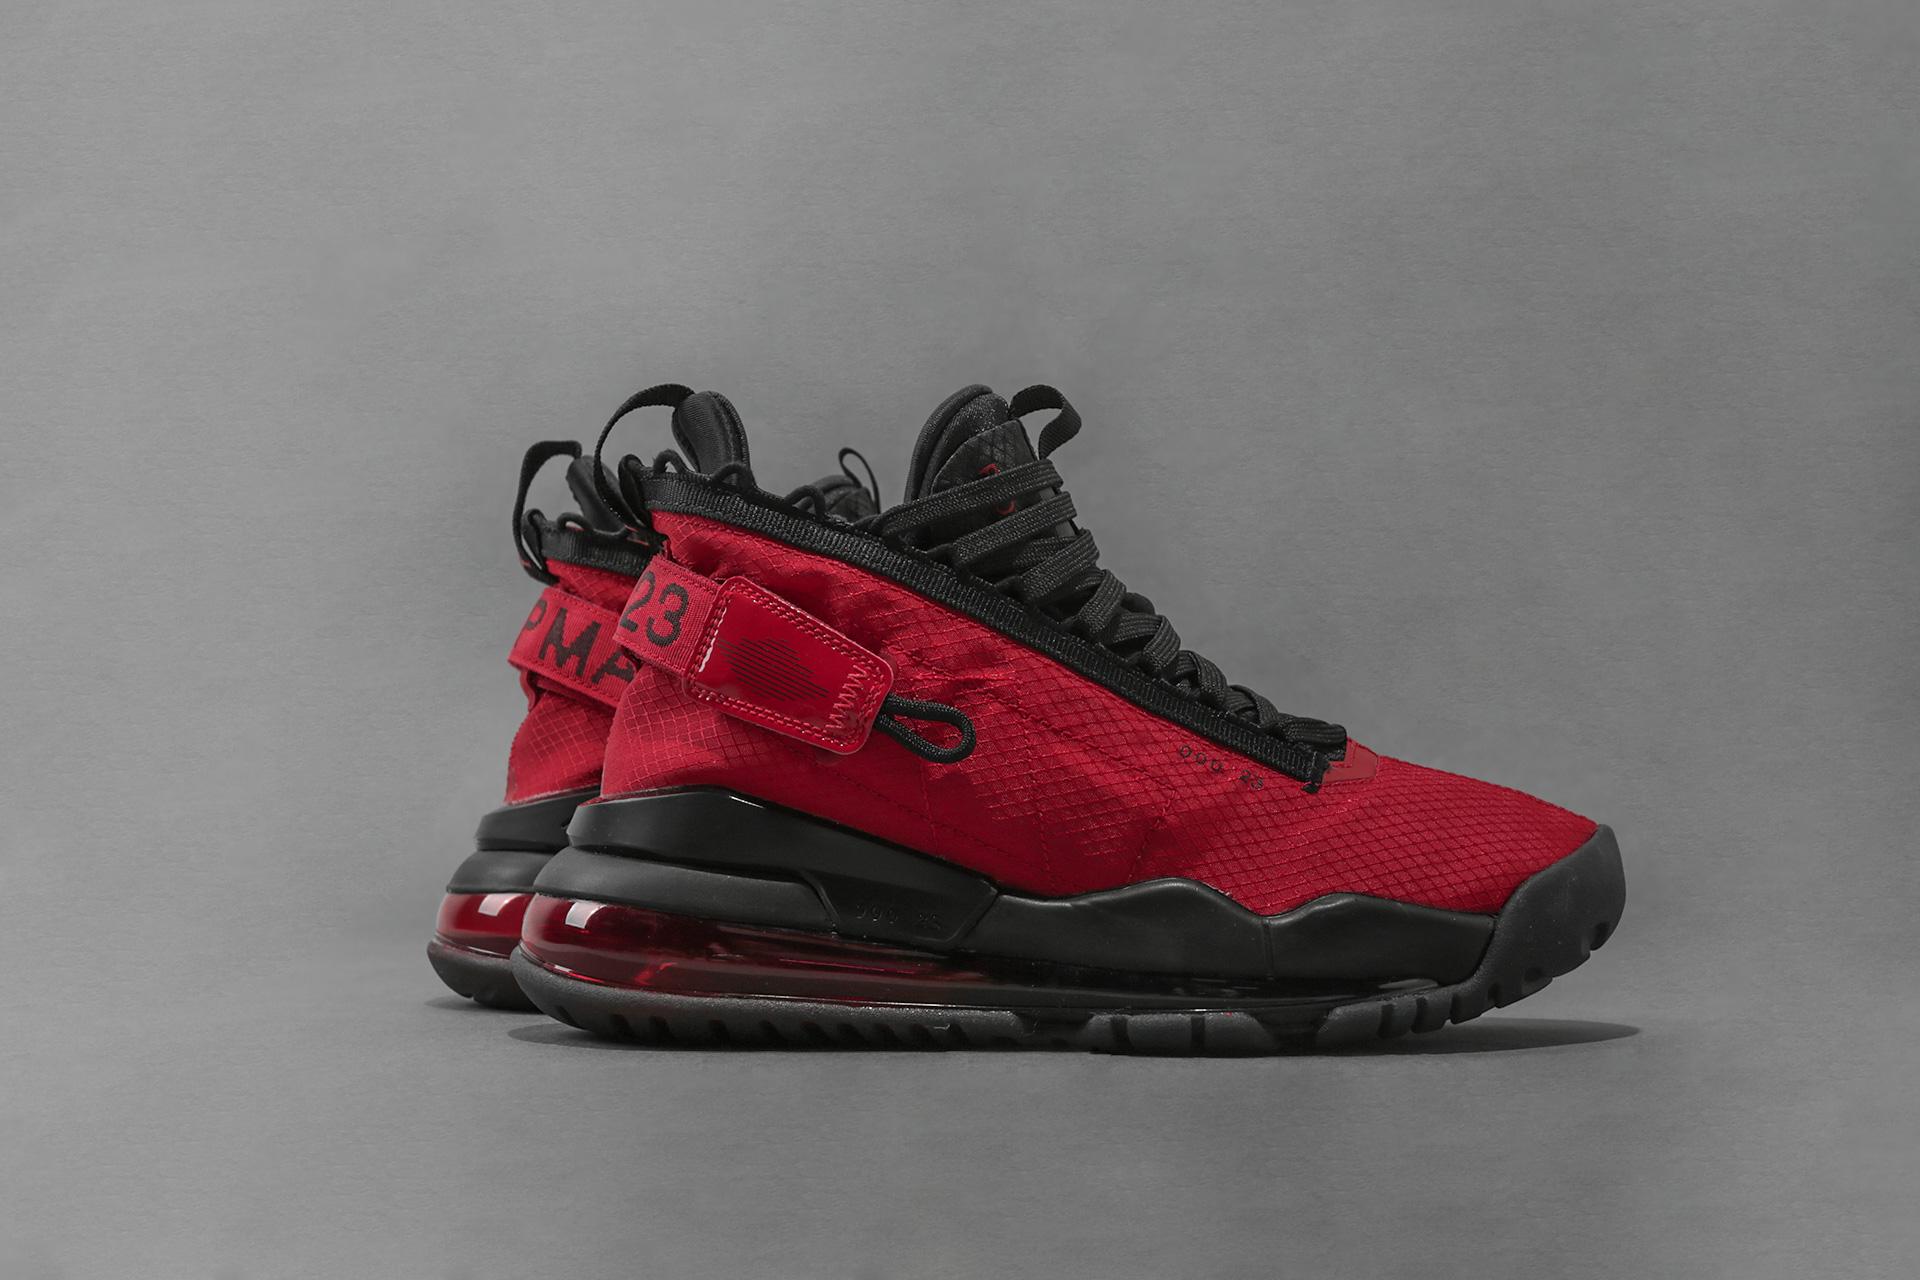 4fae1418 Купить красные мужские кроссовки Proto-Max 720 от Jordan (BQ6623-600 ...